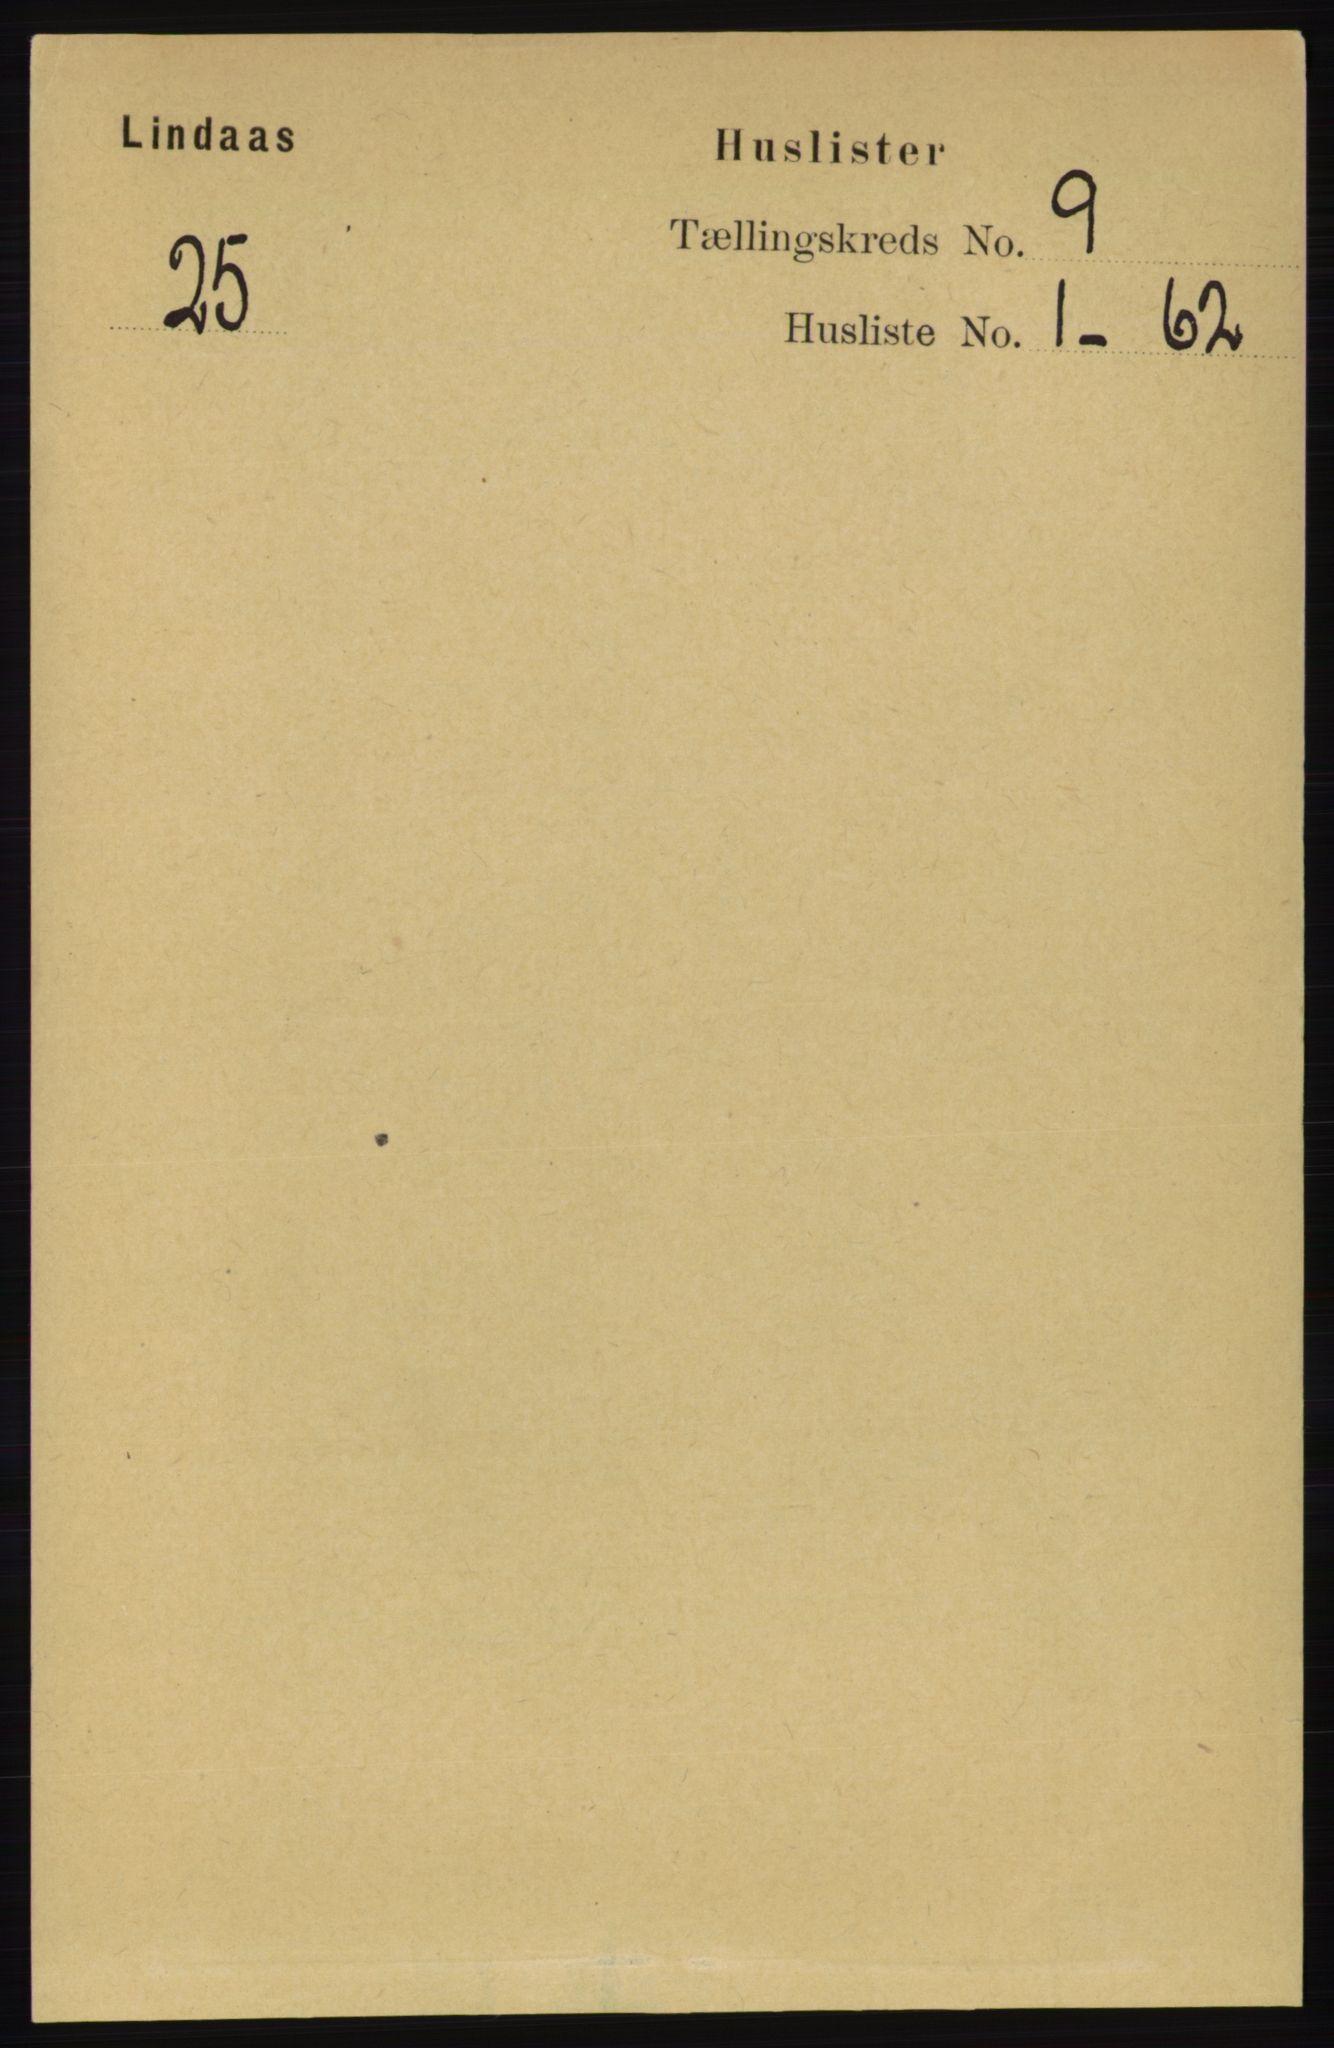 RA, Folketelling 1891 for 1263 Lindås herred, 1891, s. 2896